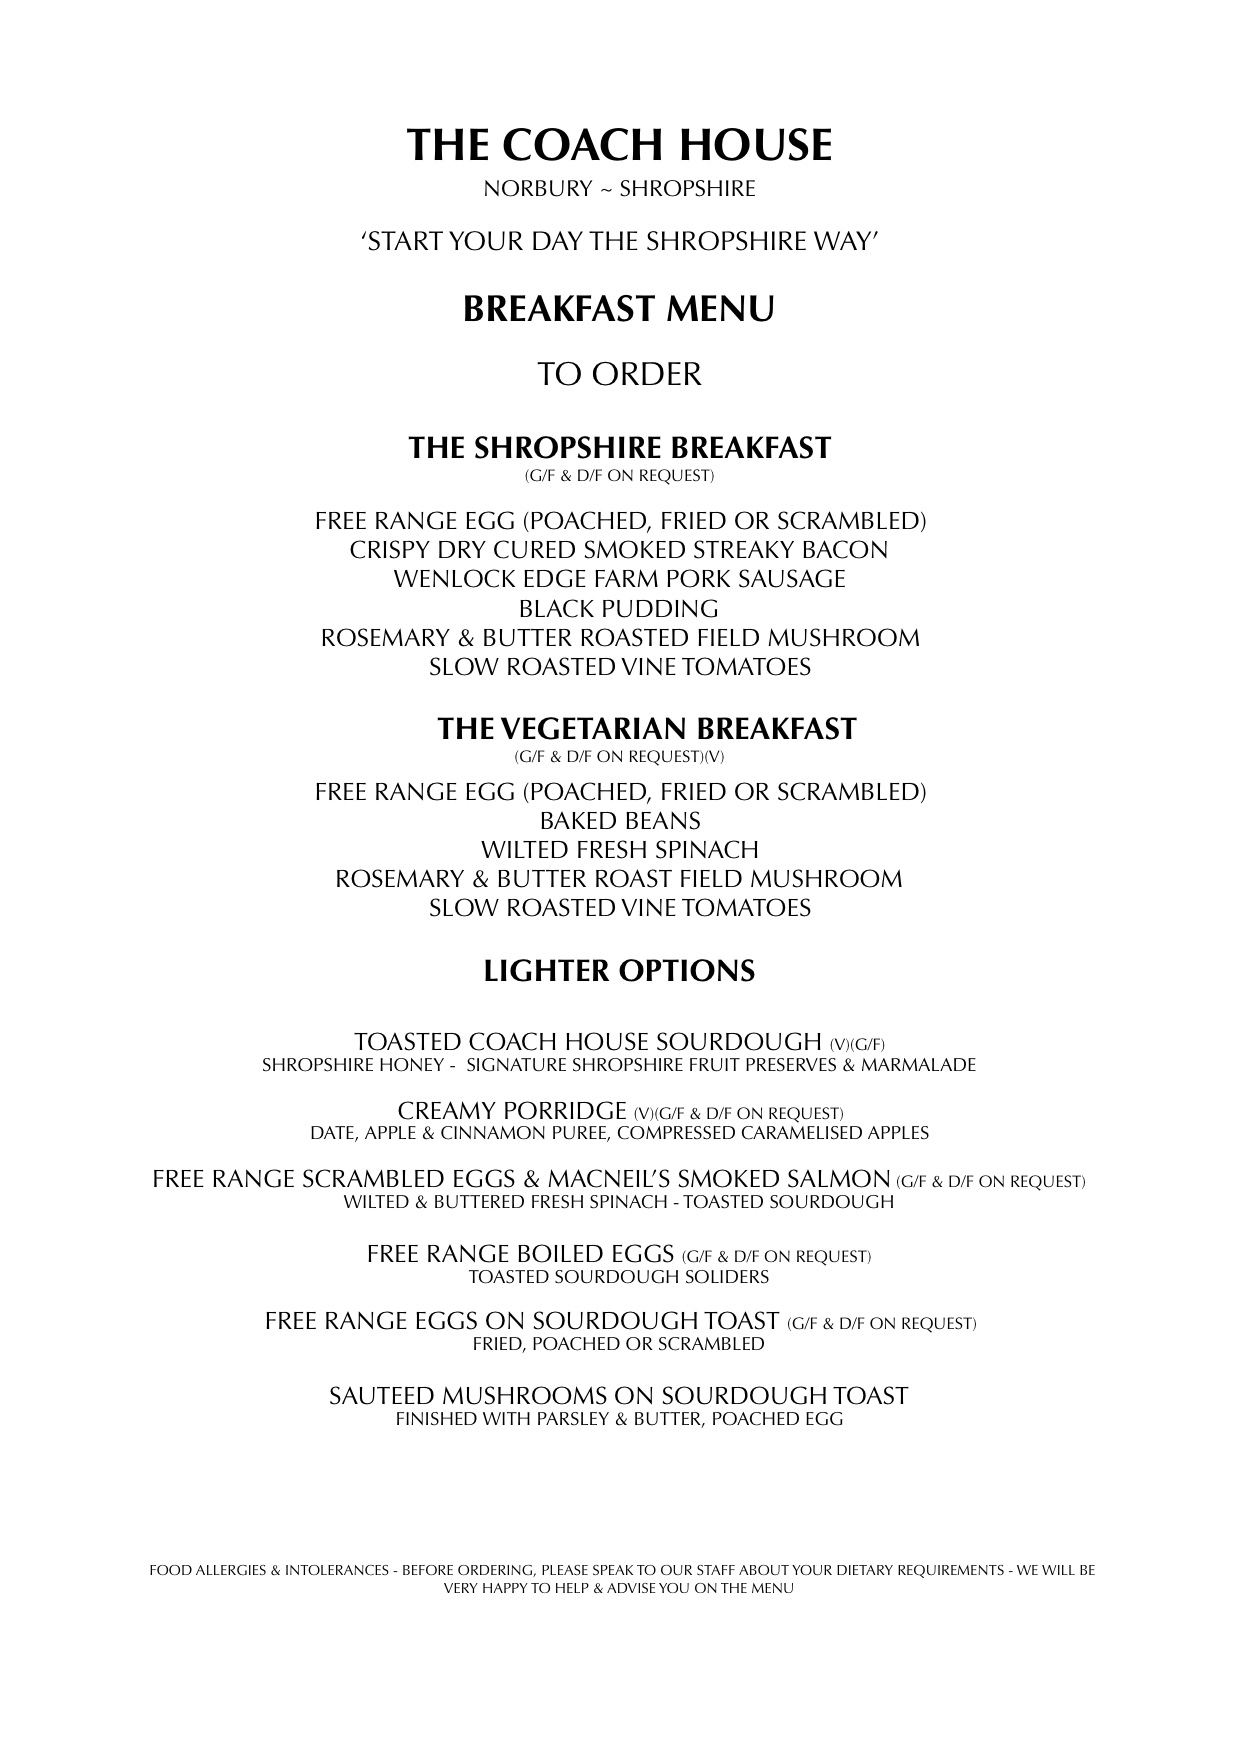 breakfastmenu2018